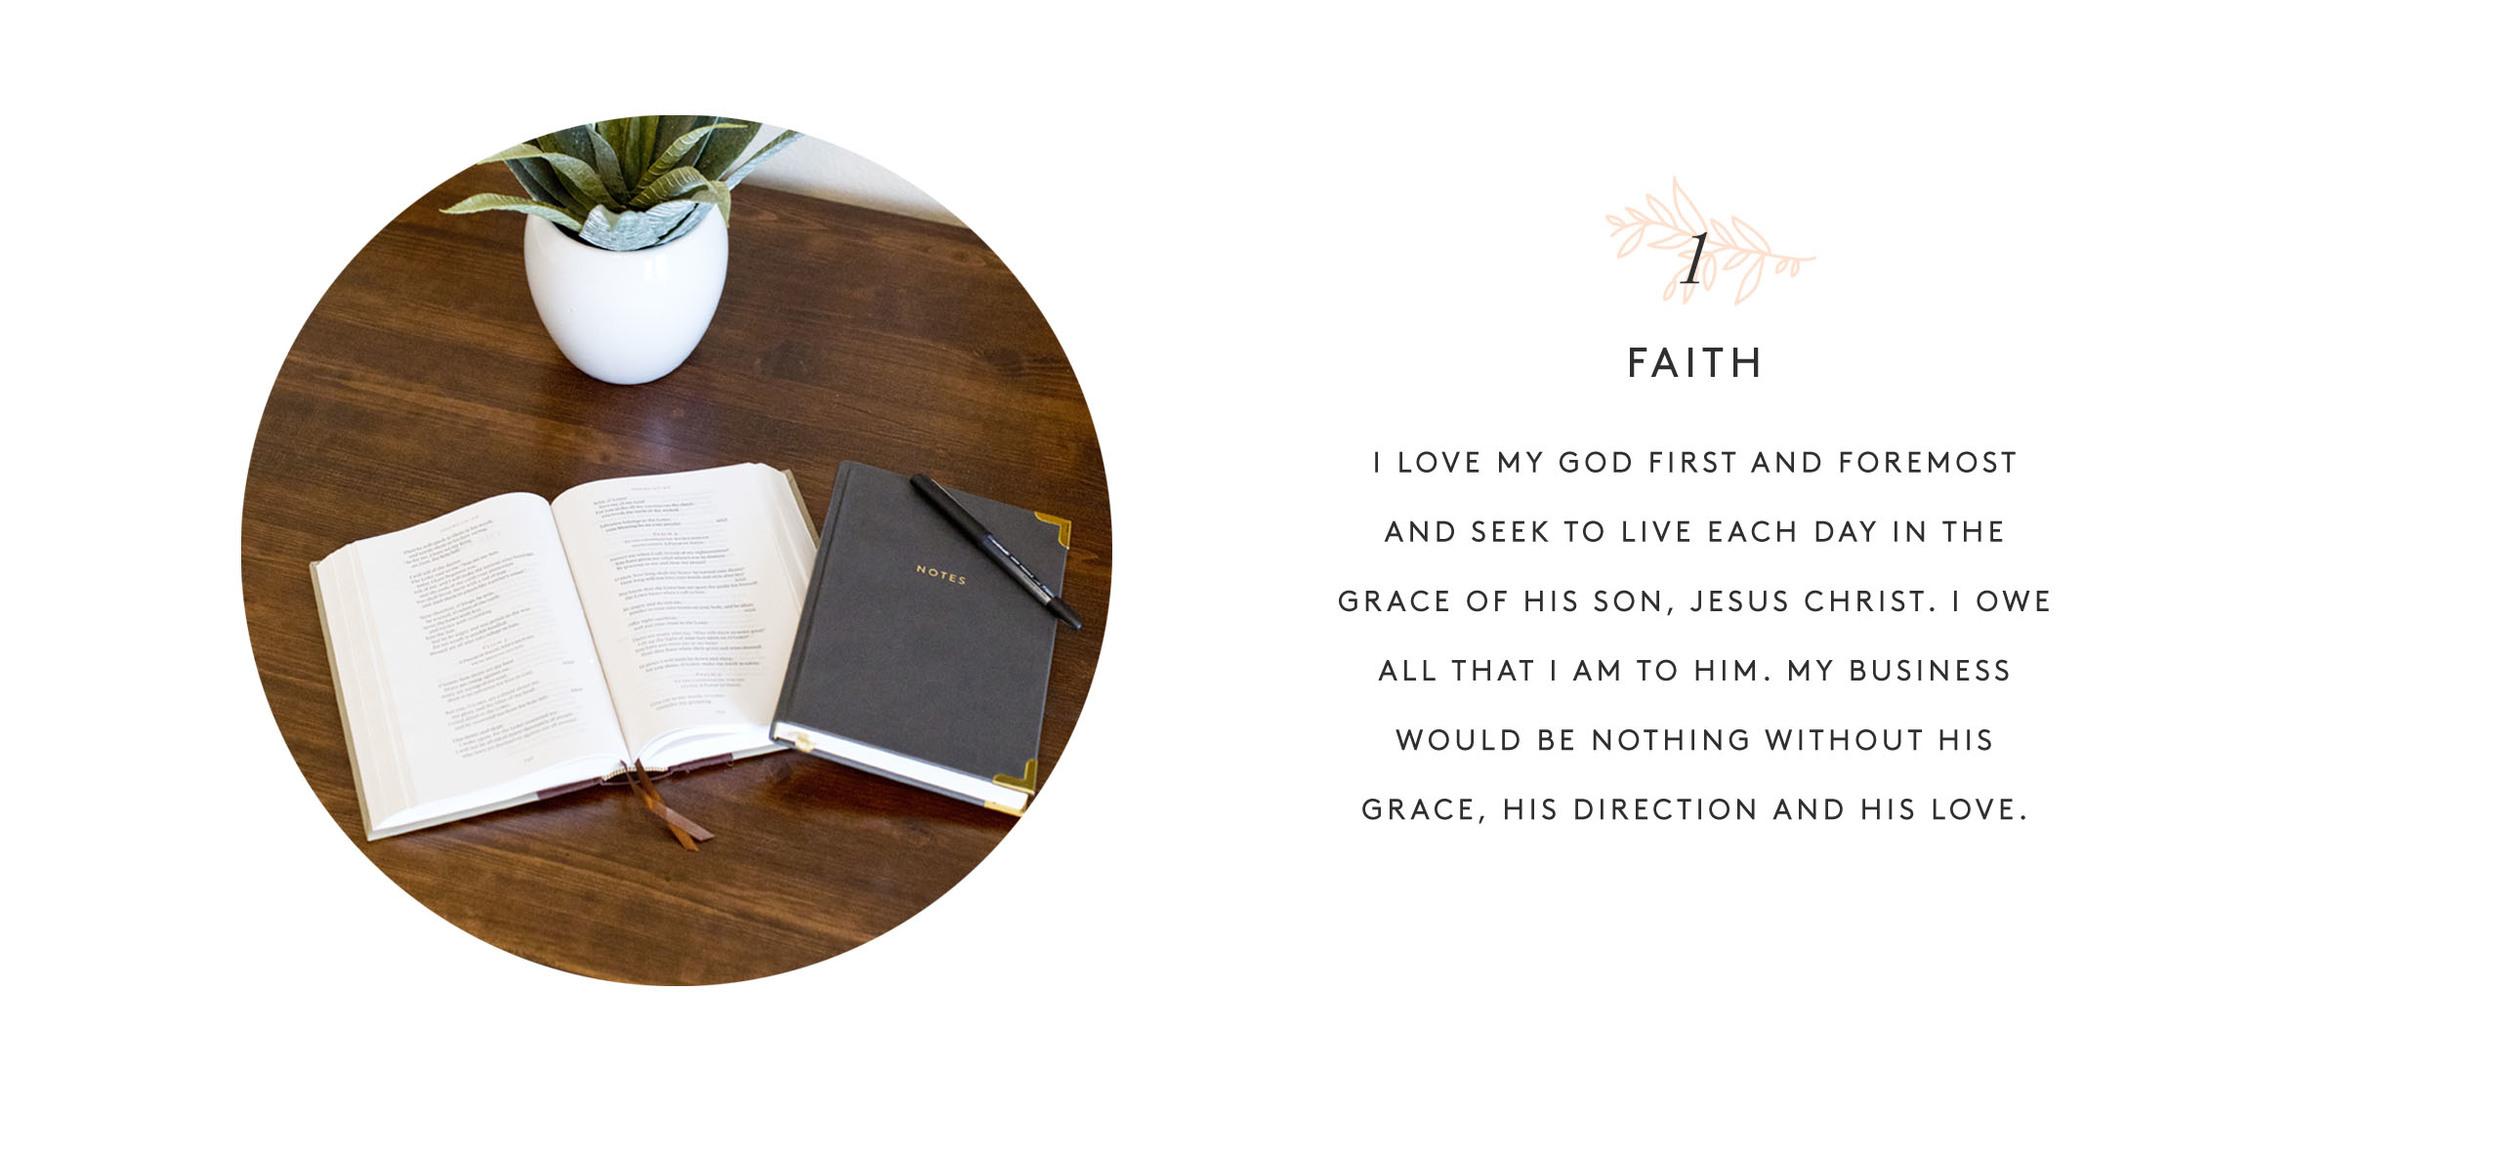 Inspiration (1)faith.jpg